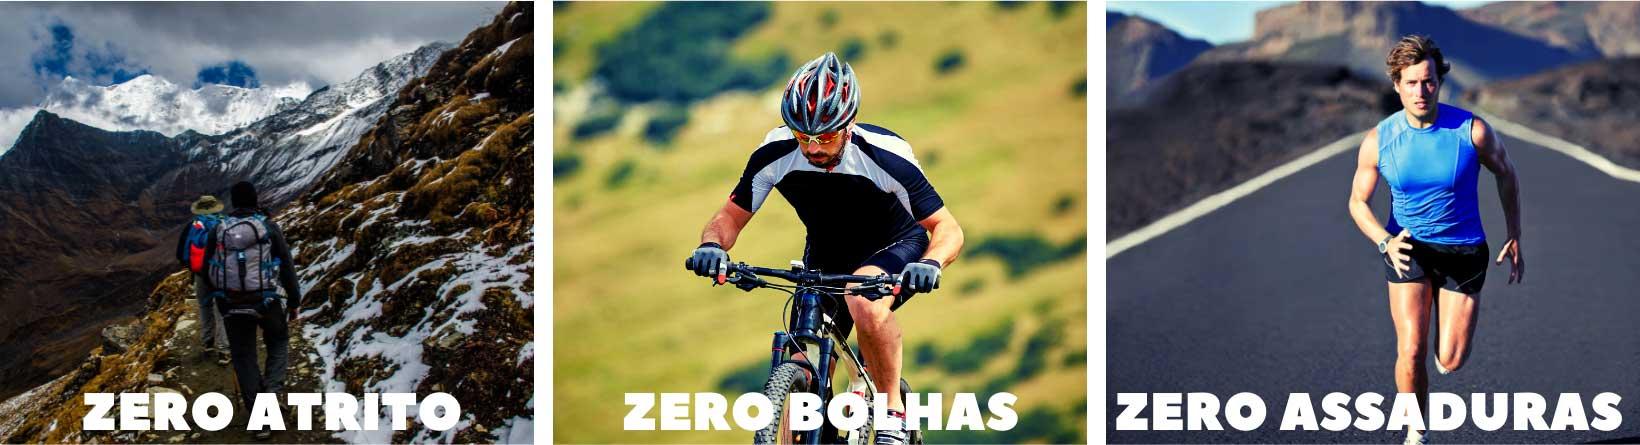 Zero Atrito Zero Bolhas Zero Assaduras